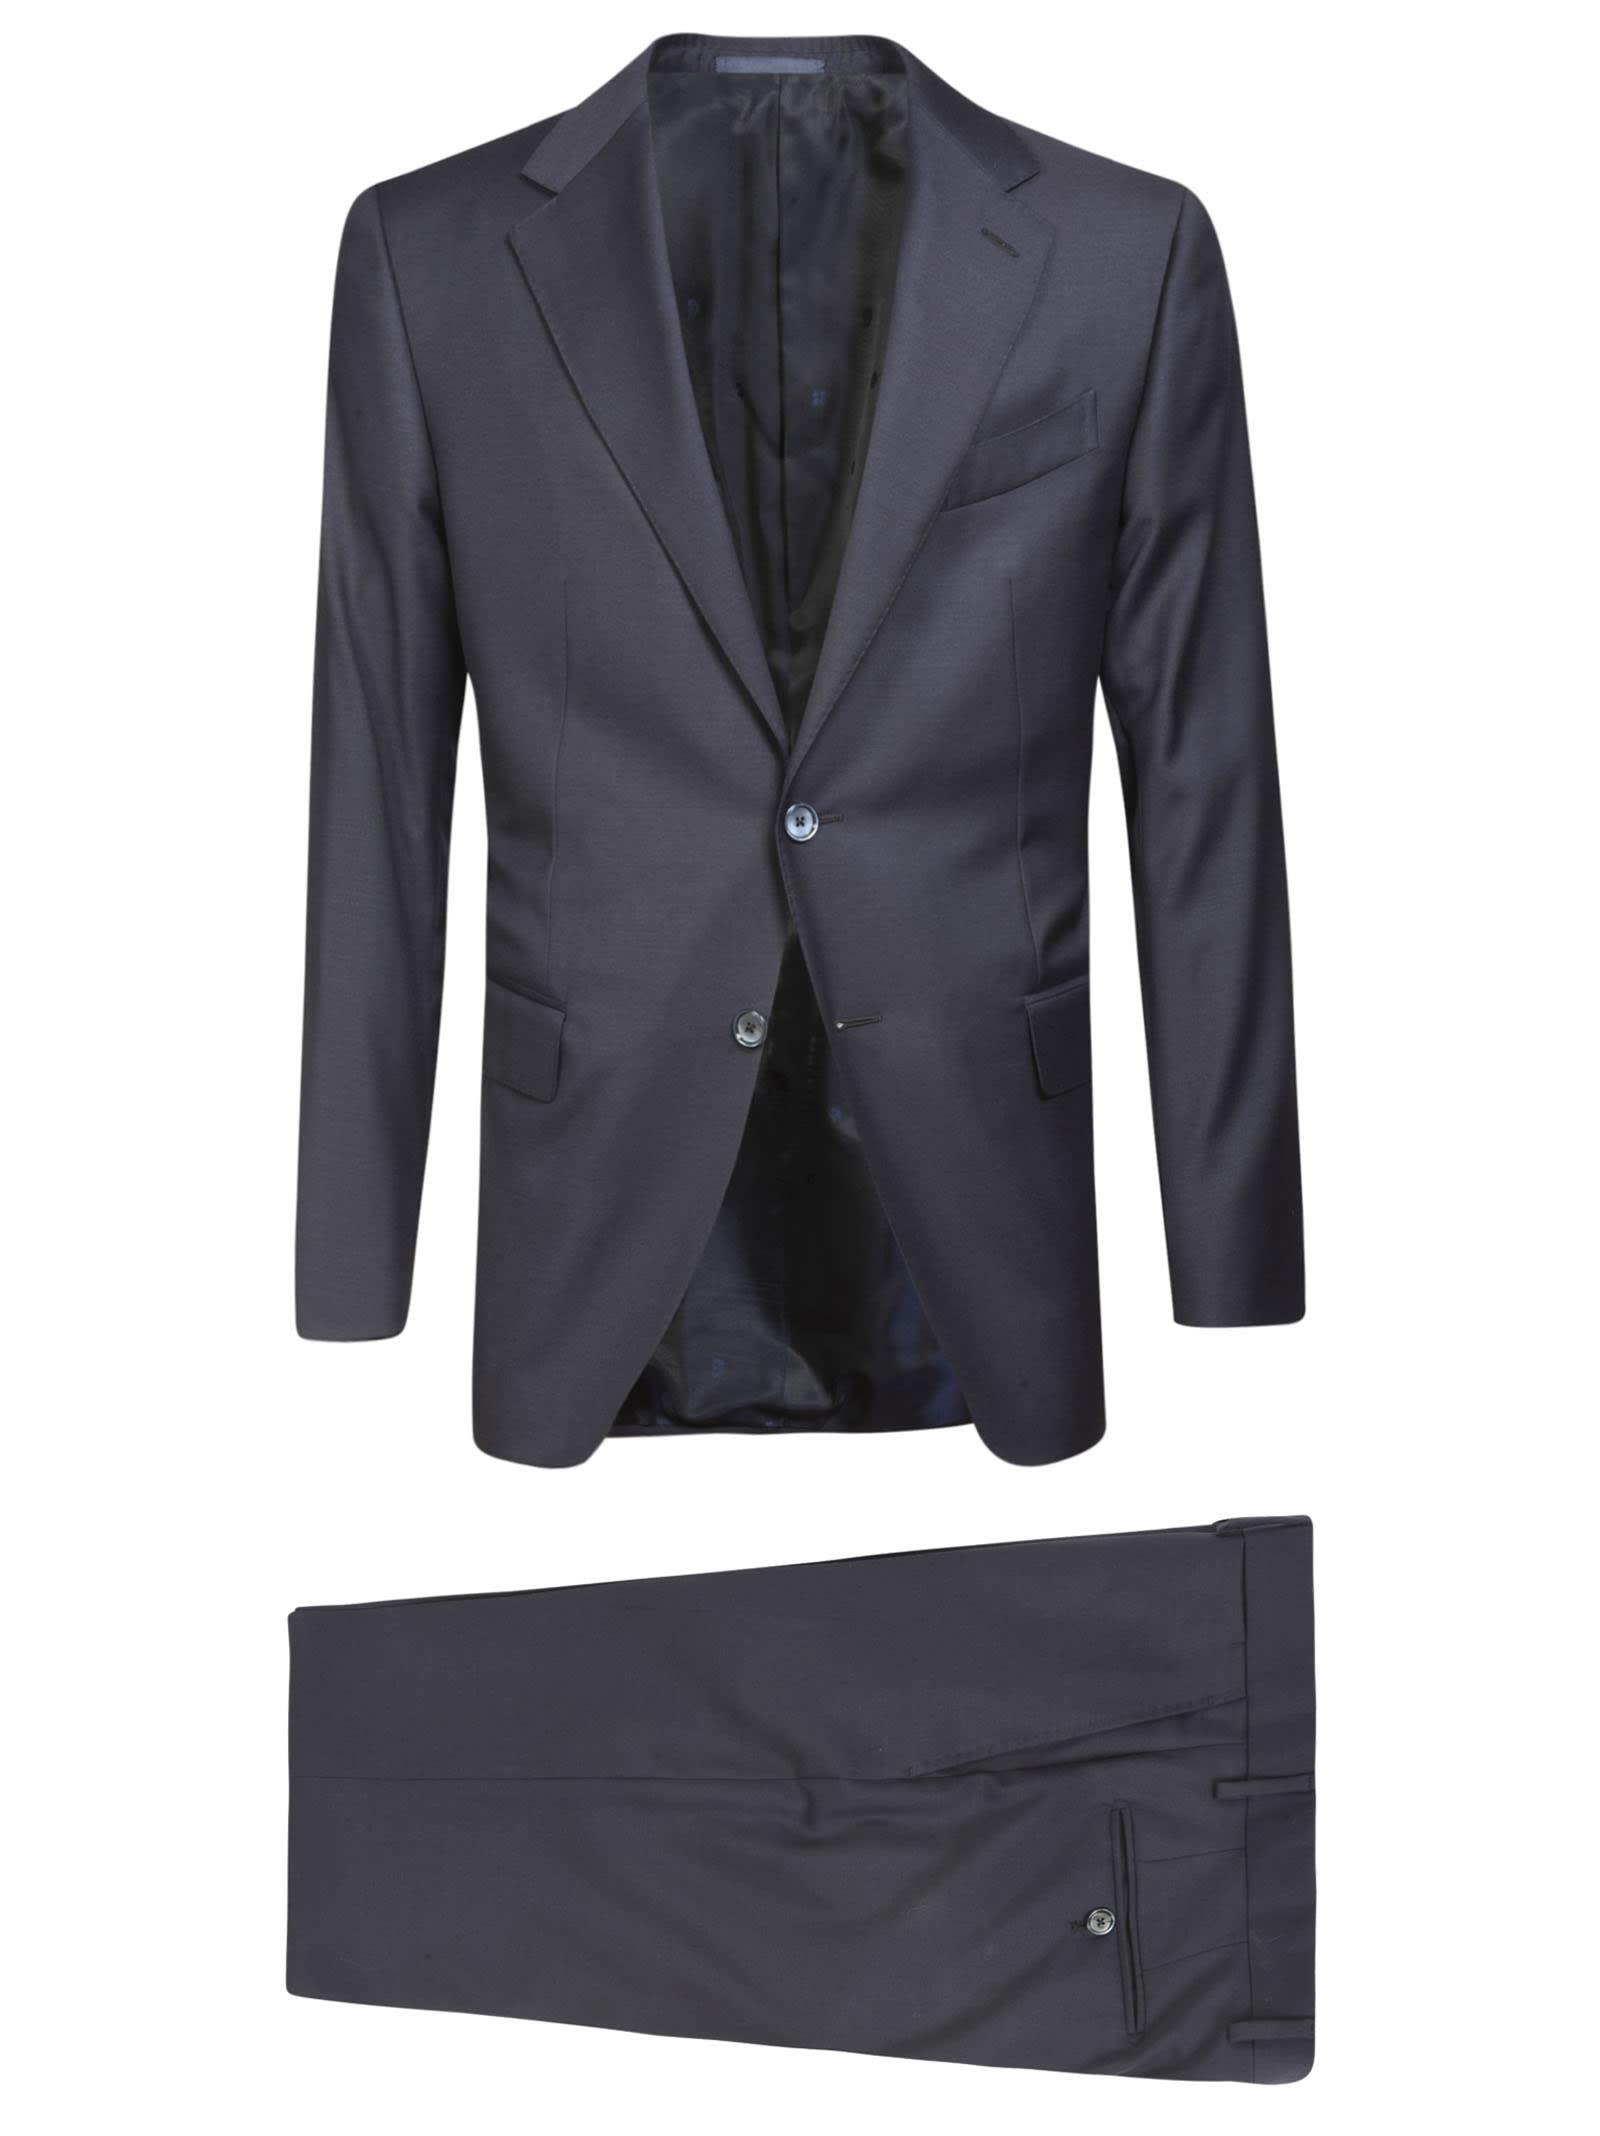 Tasmania Four Seasons Suit